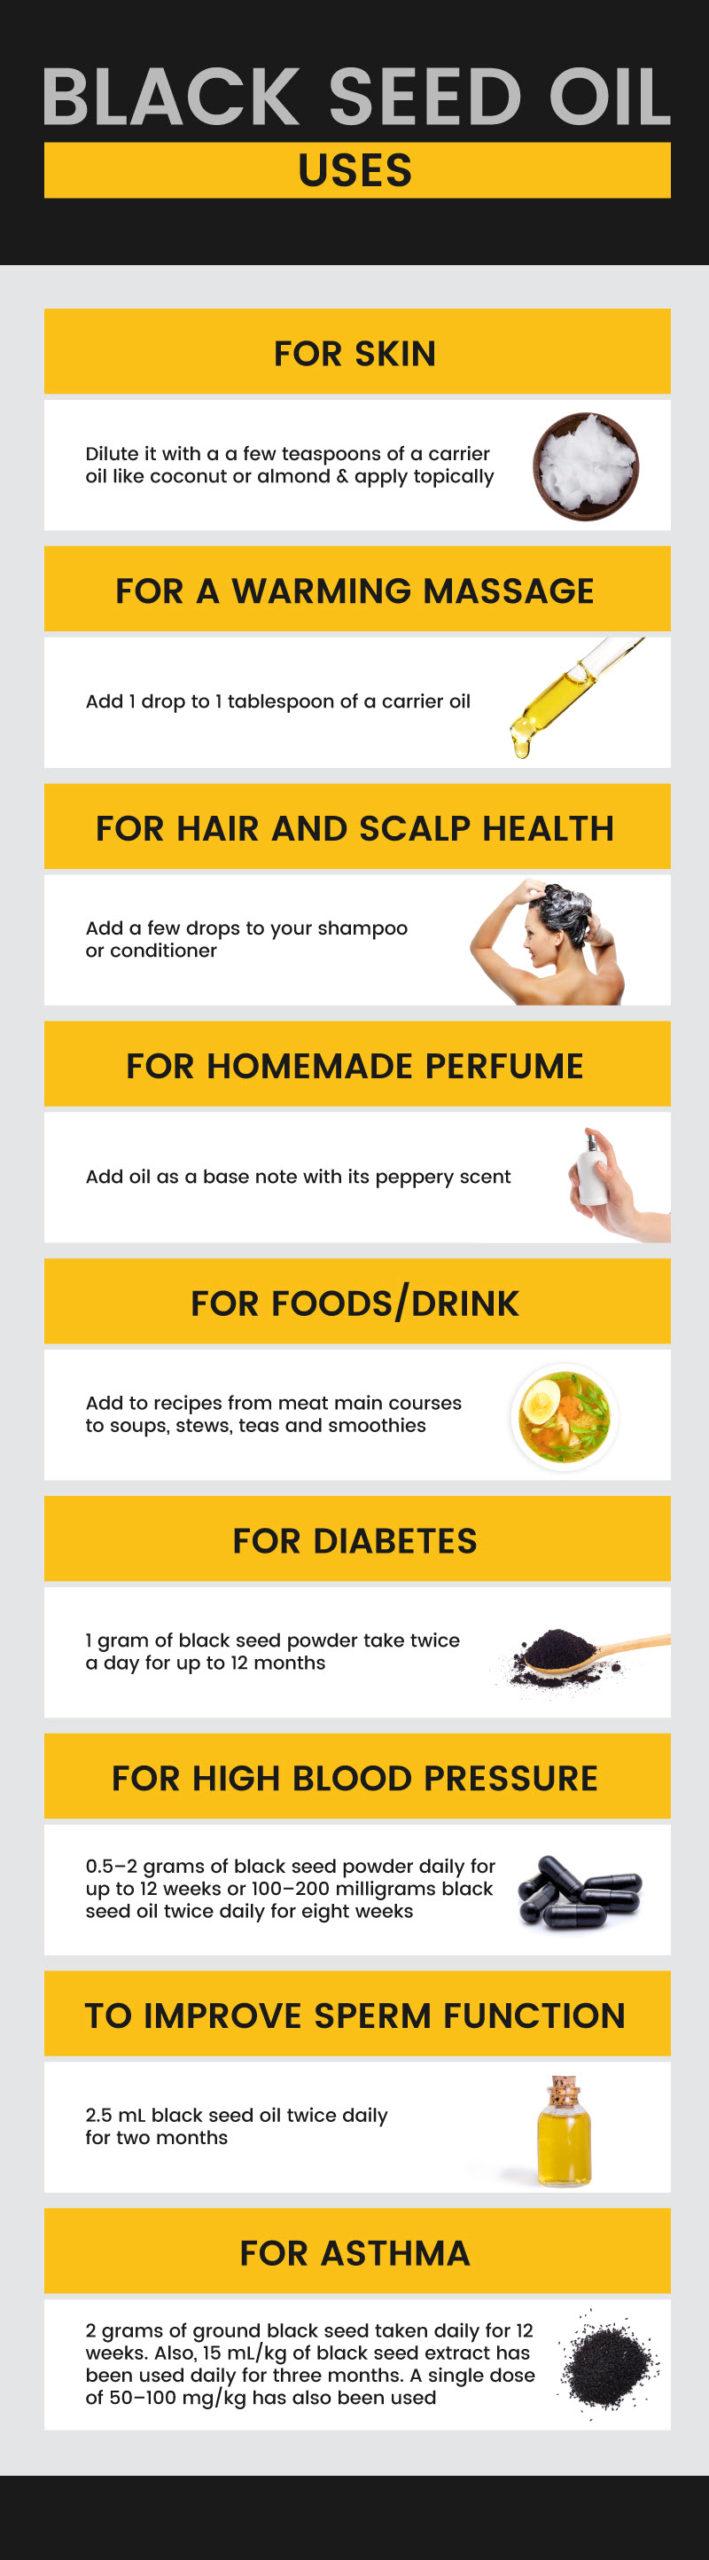 Black seed oil uses